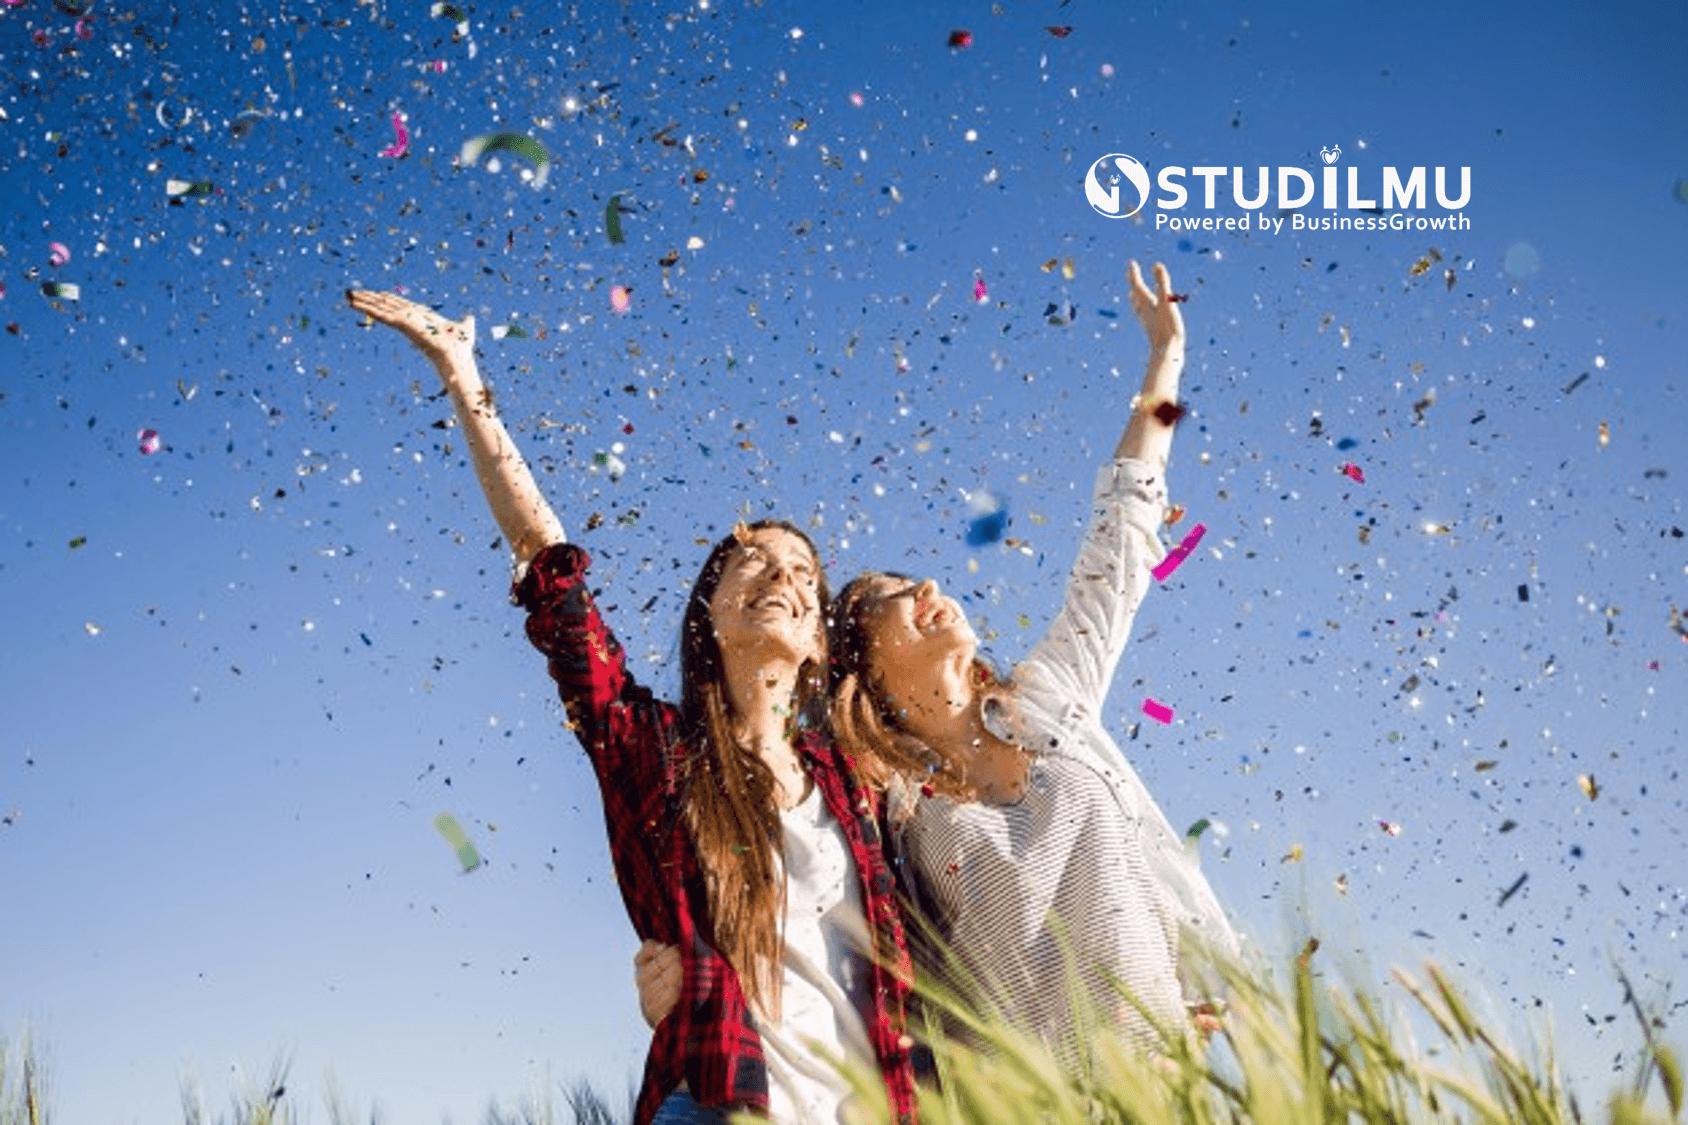 STUDILMU Career Advice - Kebahagiaan adalah Kunci Kesuksesan